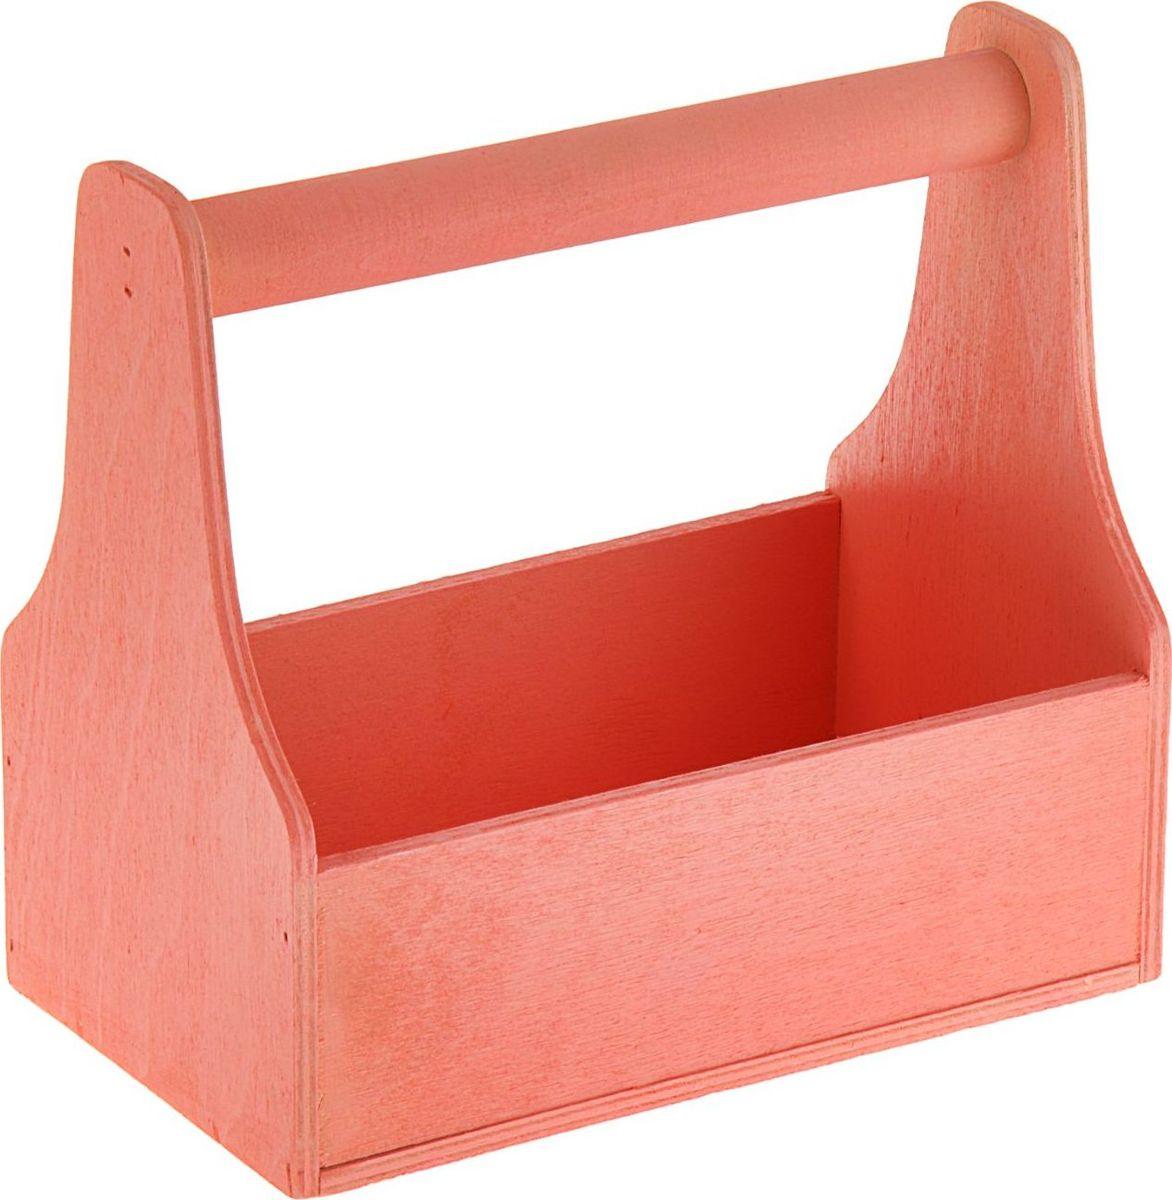 Кашпо ТД ДМ Ящик для инструментов, цвет: розовый, 20 х 20 х 12,5 см1874337#name# — сувенир в полном смысле этого слова. И главная его задача — хранить воспоминание о месте, где вы побывали, или о том человеке, который подарил данный предмет. Преподнесите эту вещь своему другу, и она станет достойным украшением его дома.